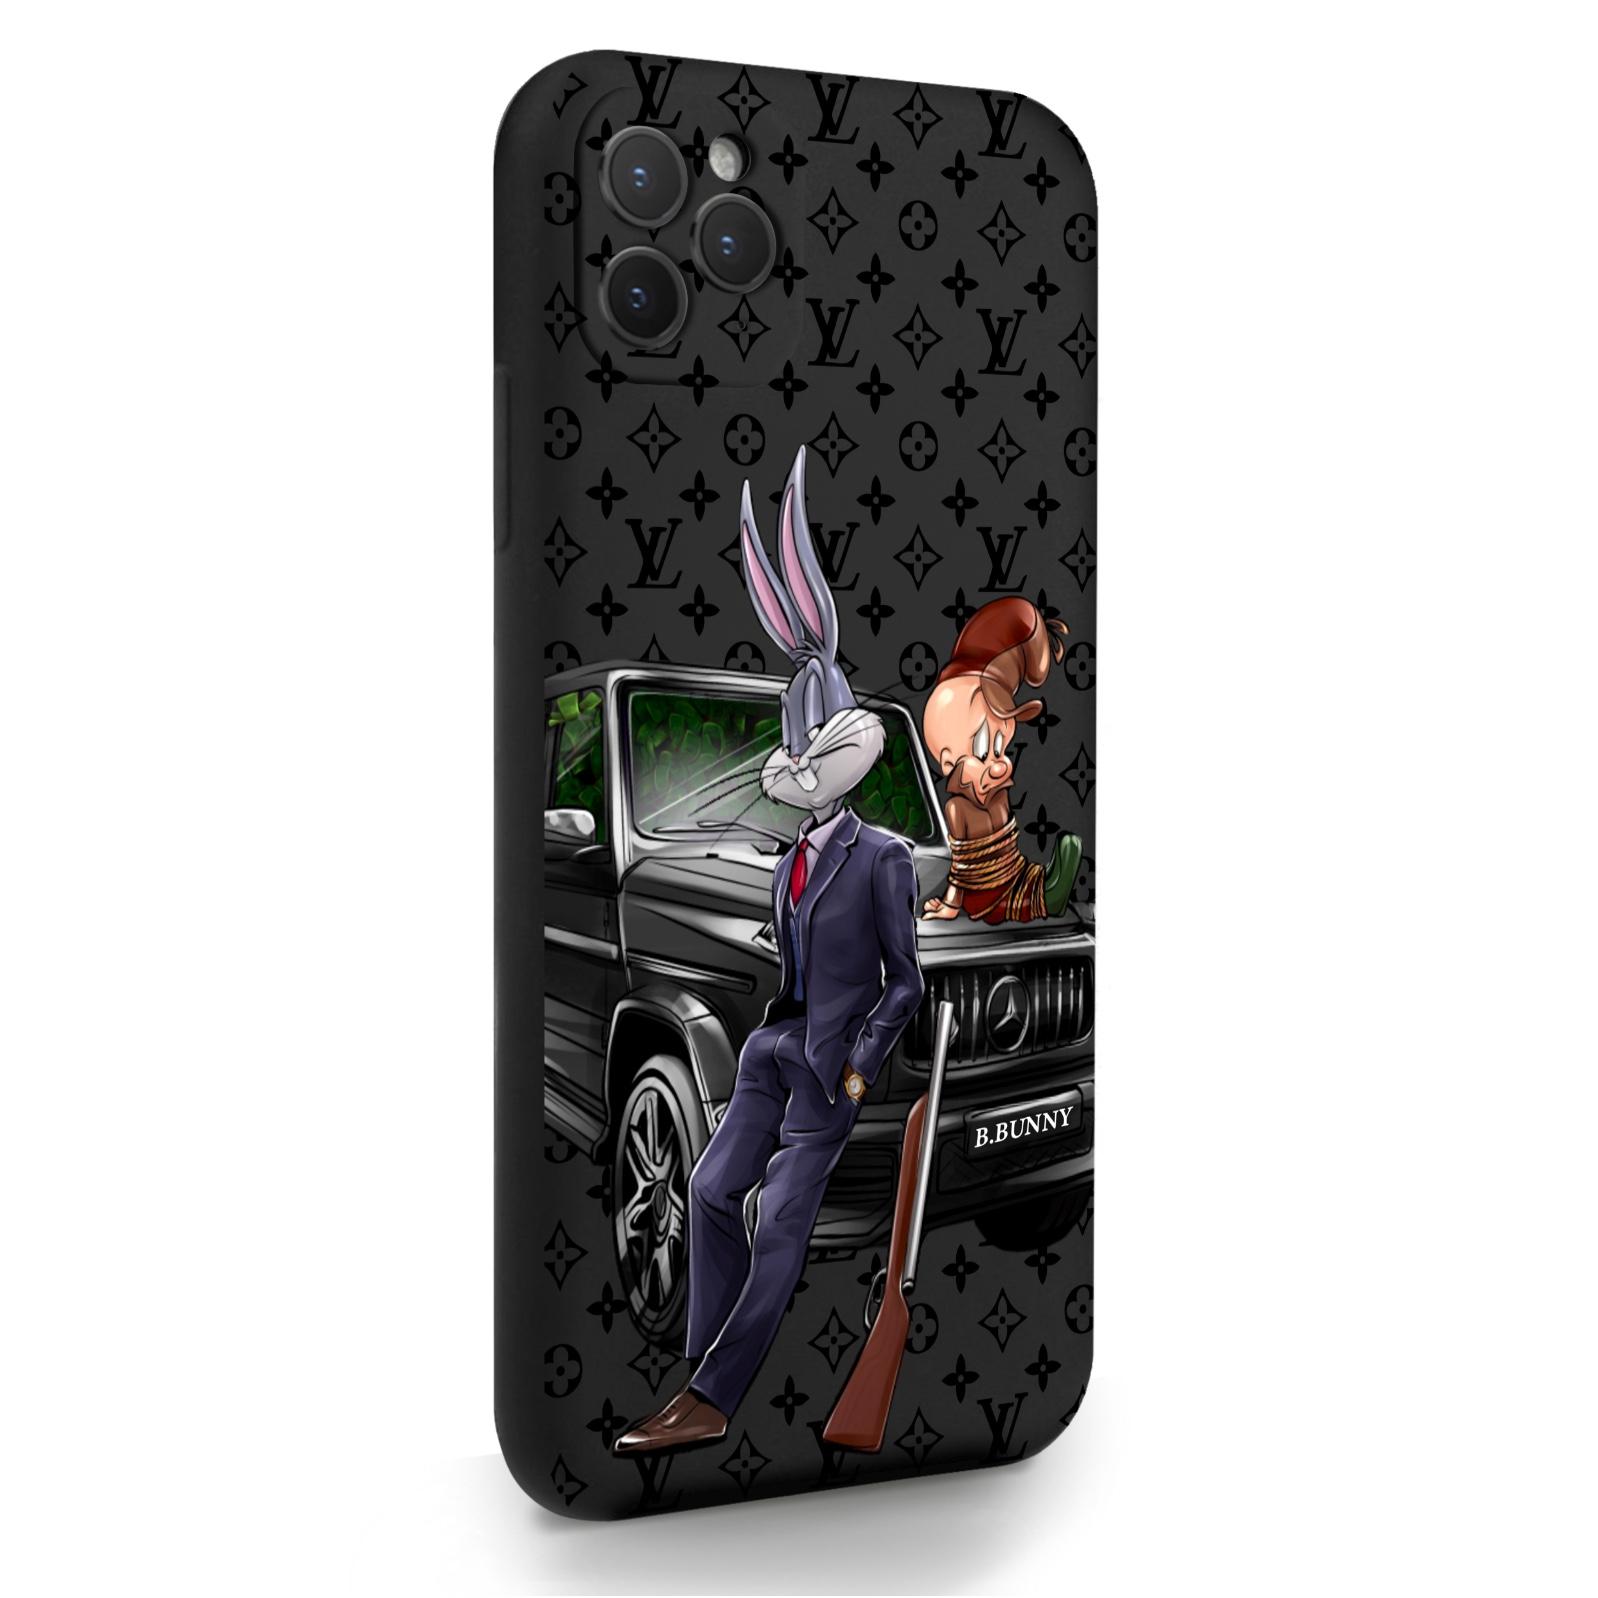 Черный силиконовый чехол для iPhone 11 Pro Max Мистер Богатый Заяц Бизнес/ Mr. Rich Bunny Business для Айфон 11 Про Макс